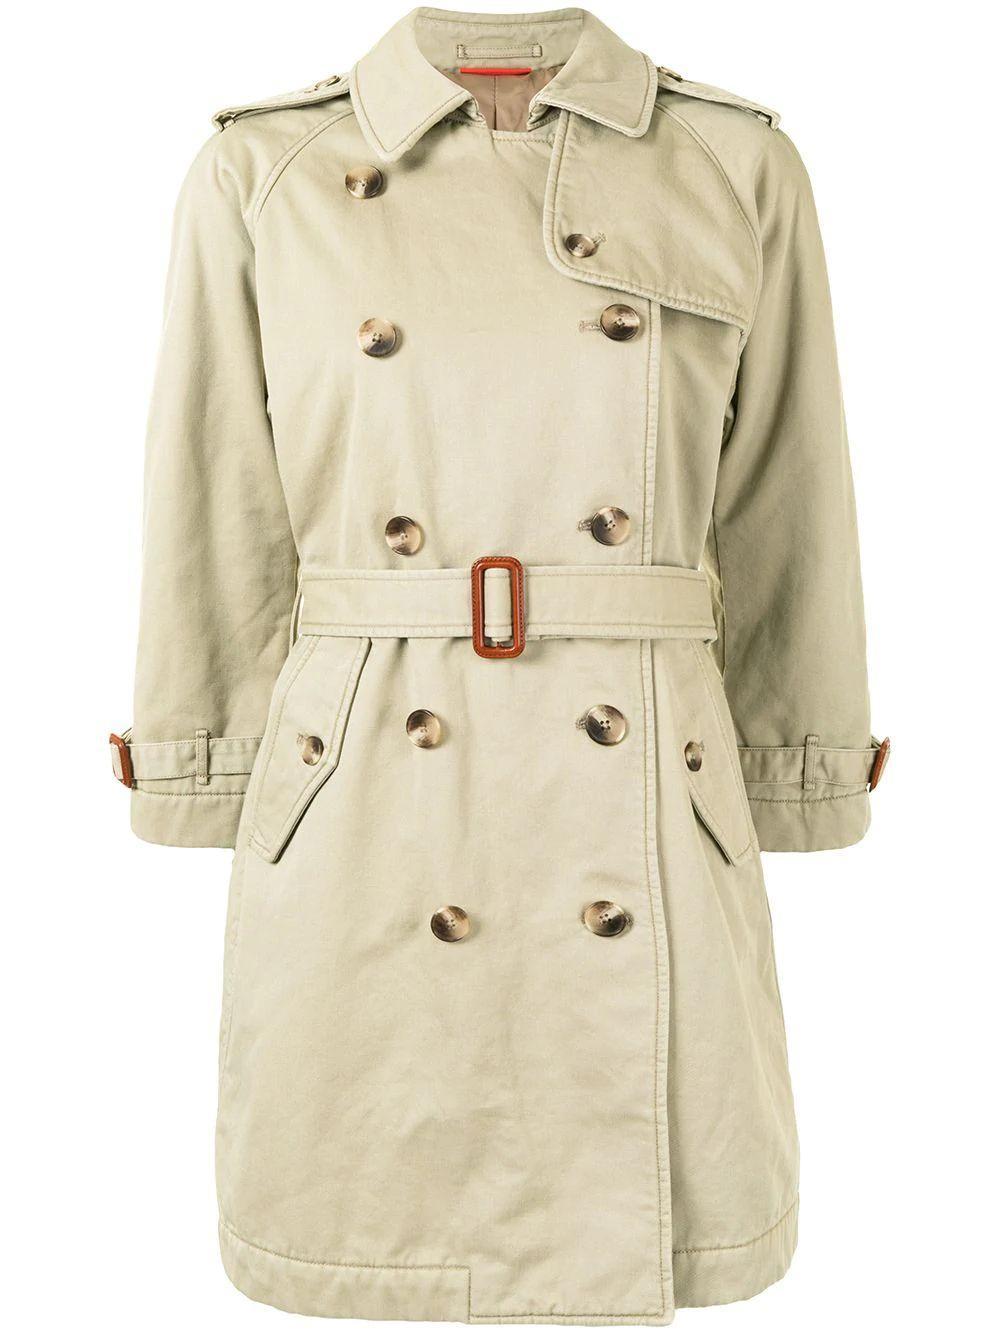 Winter Chino Trench Coat Item # DSW5250-280